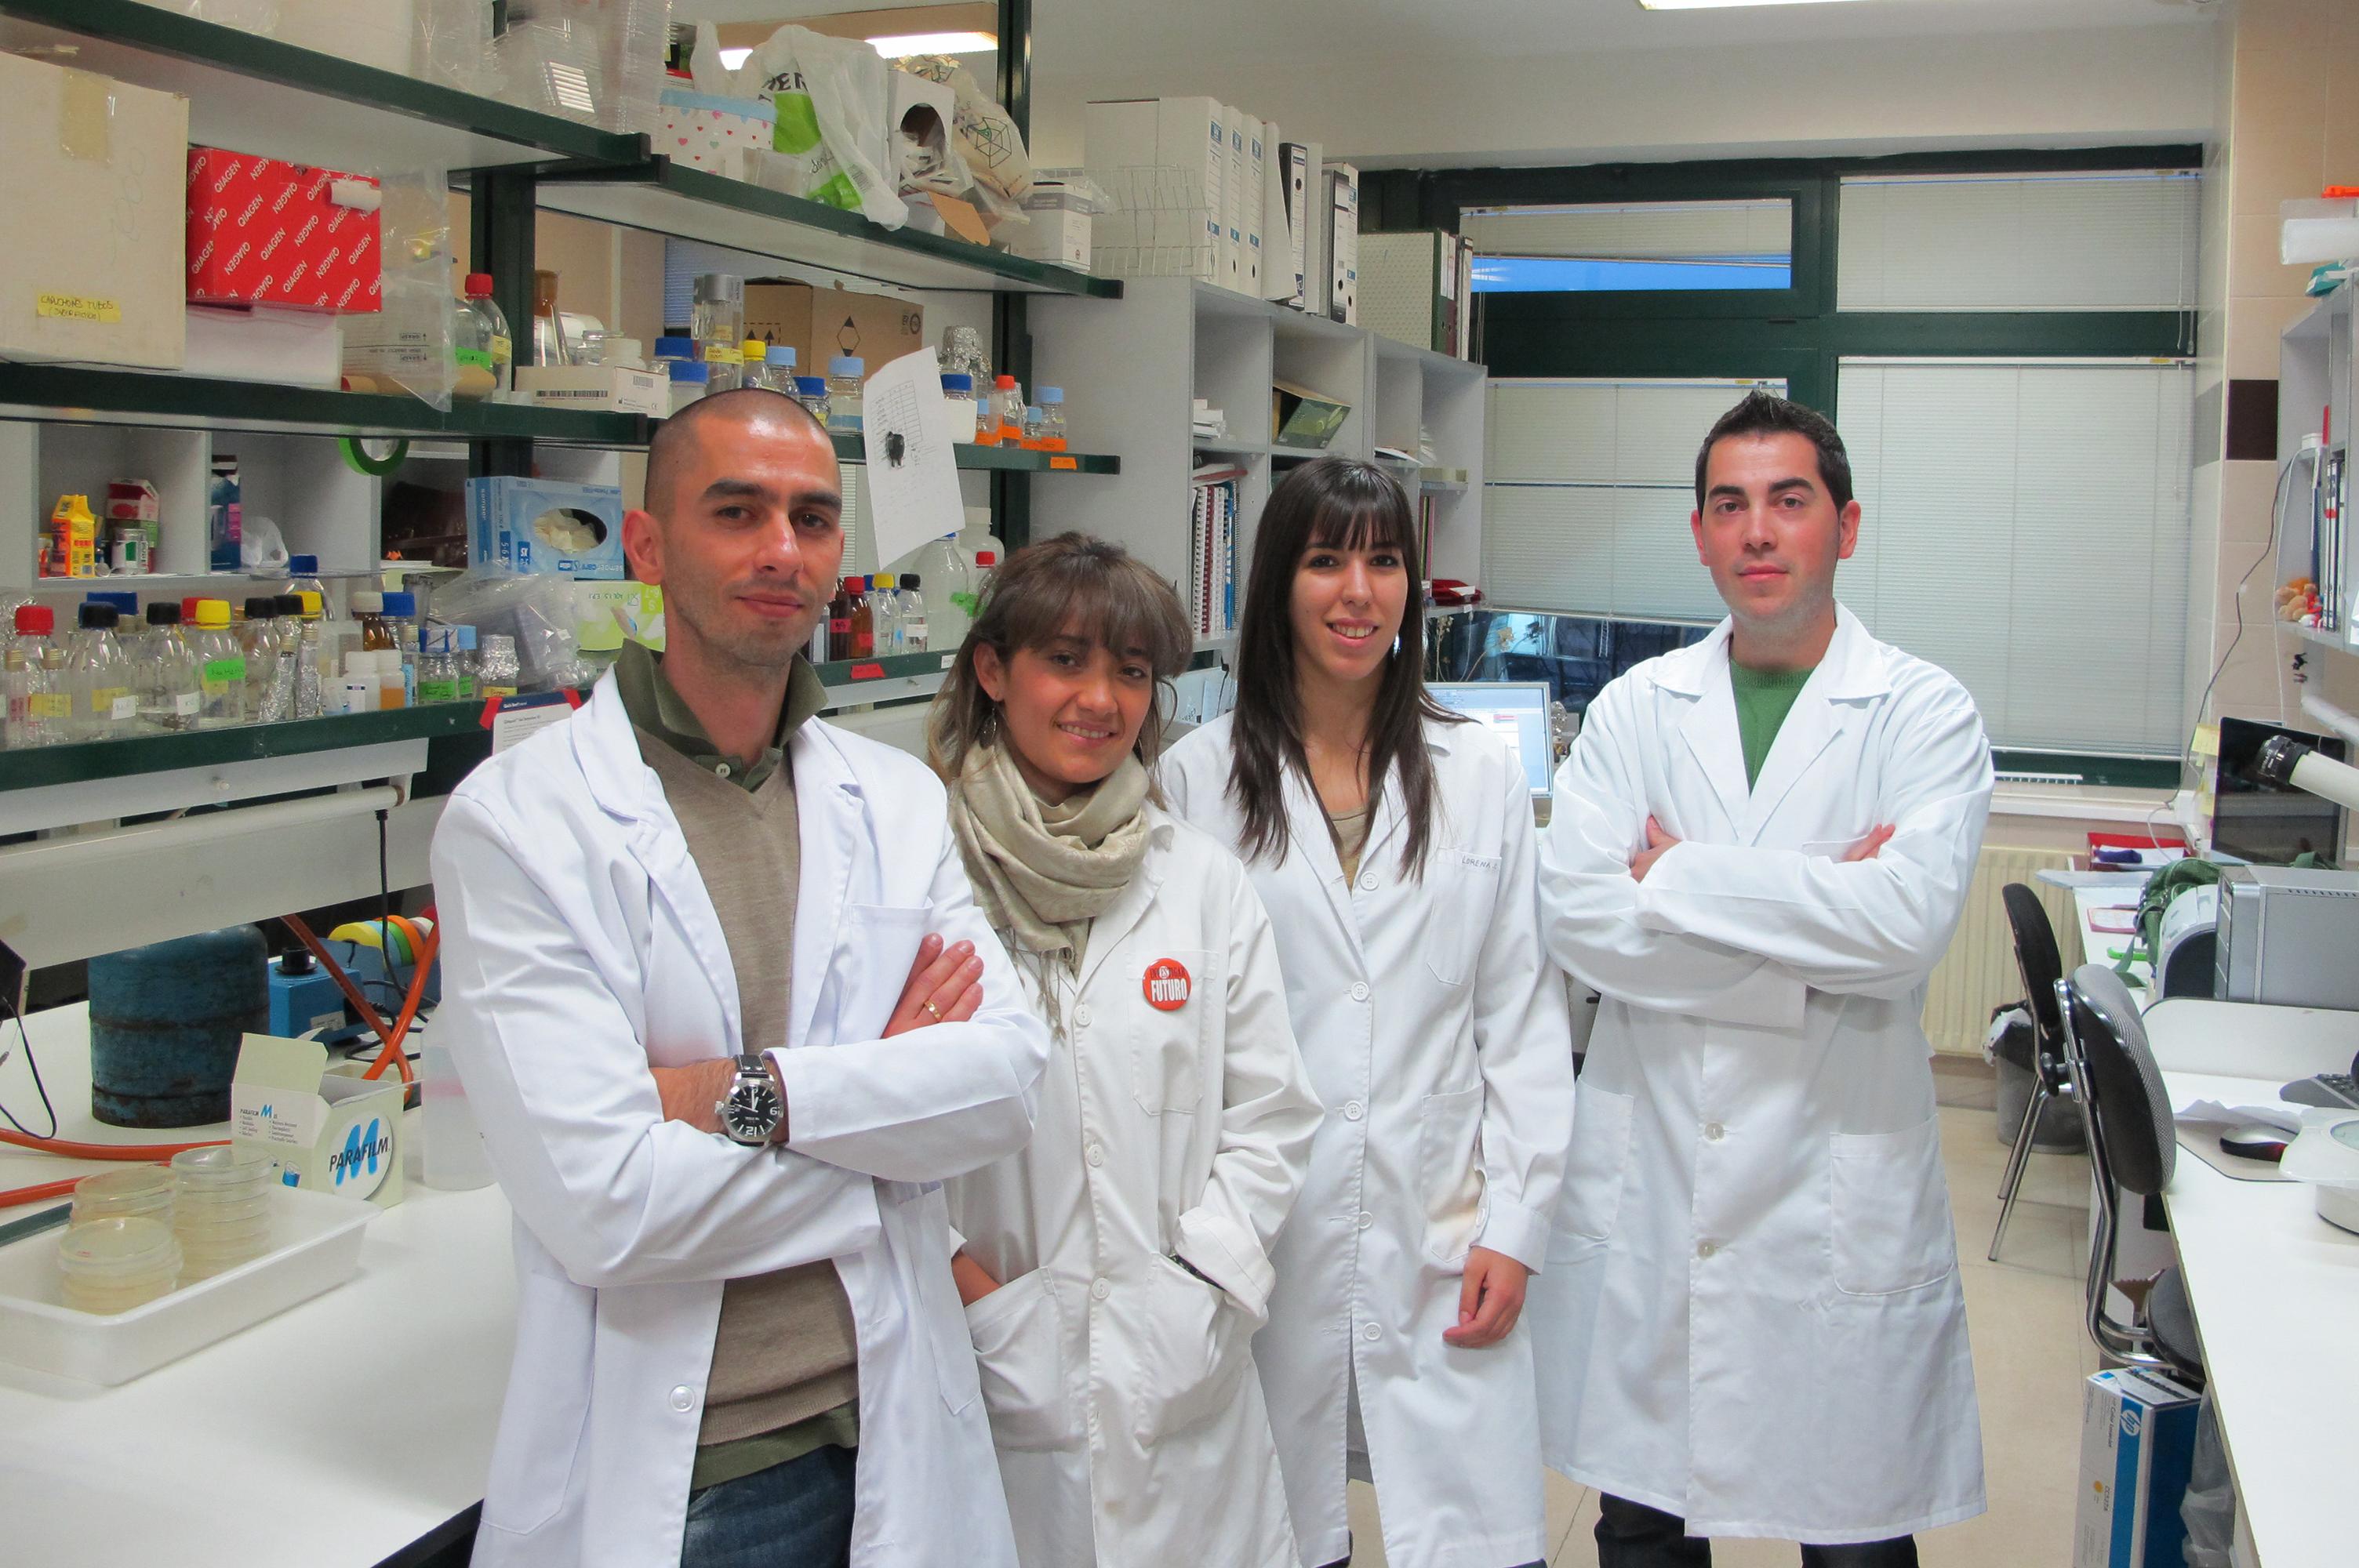 Científicos de la Universidad reciben el Accésit del XXVIII Premio 'Julián Sánchez El Charro' por su estudio para la mejora de los cultivos agrícolas